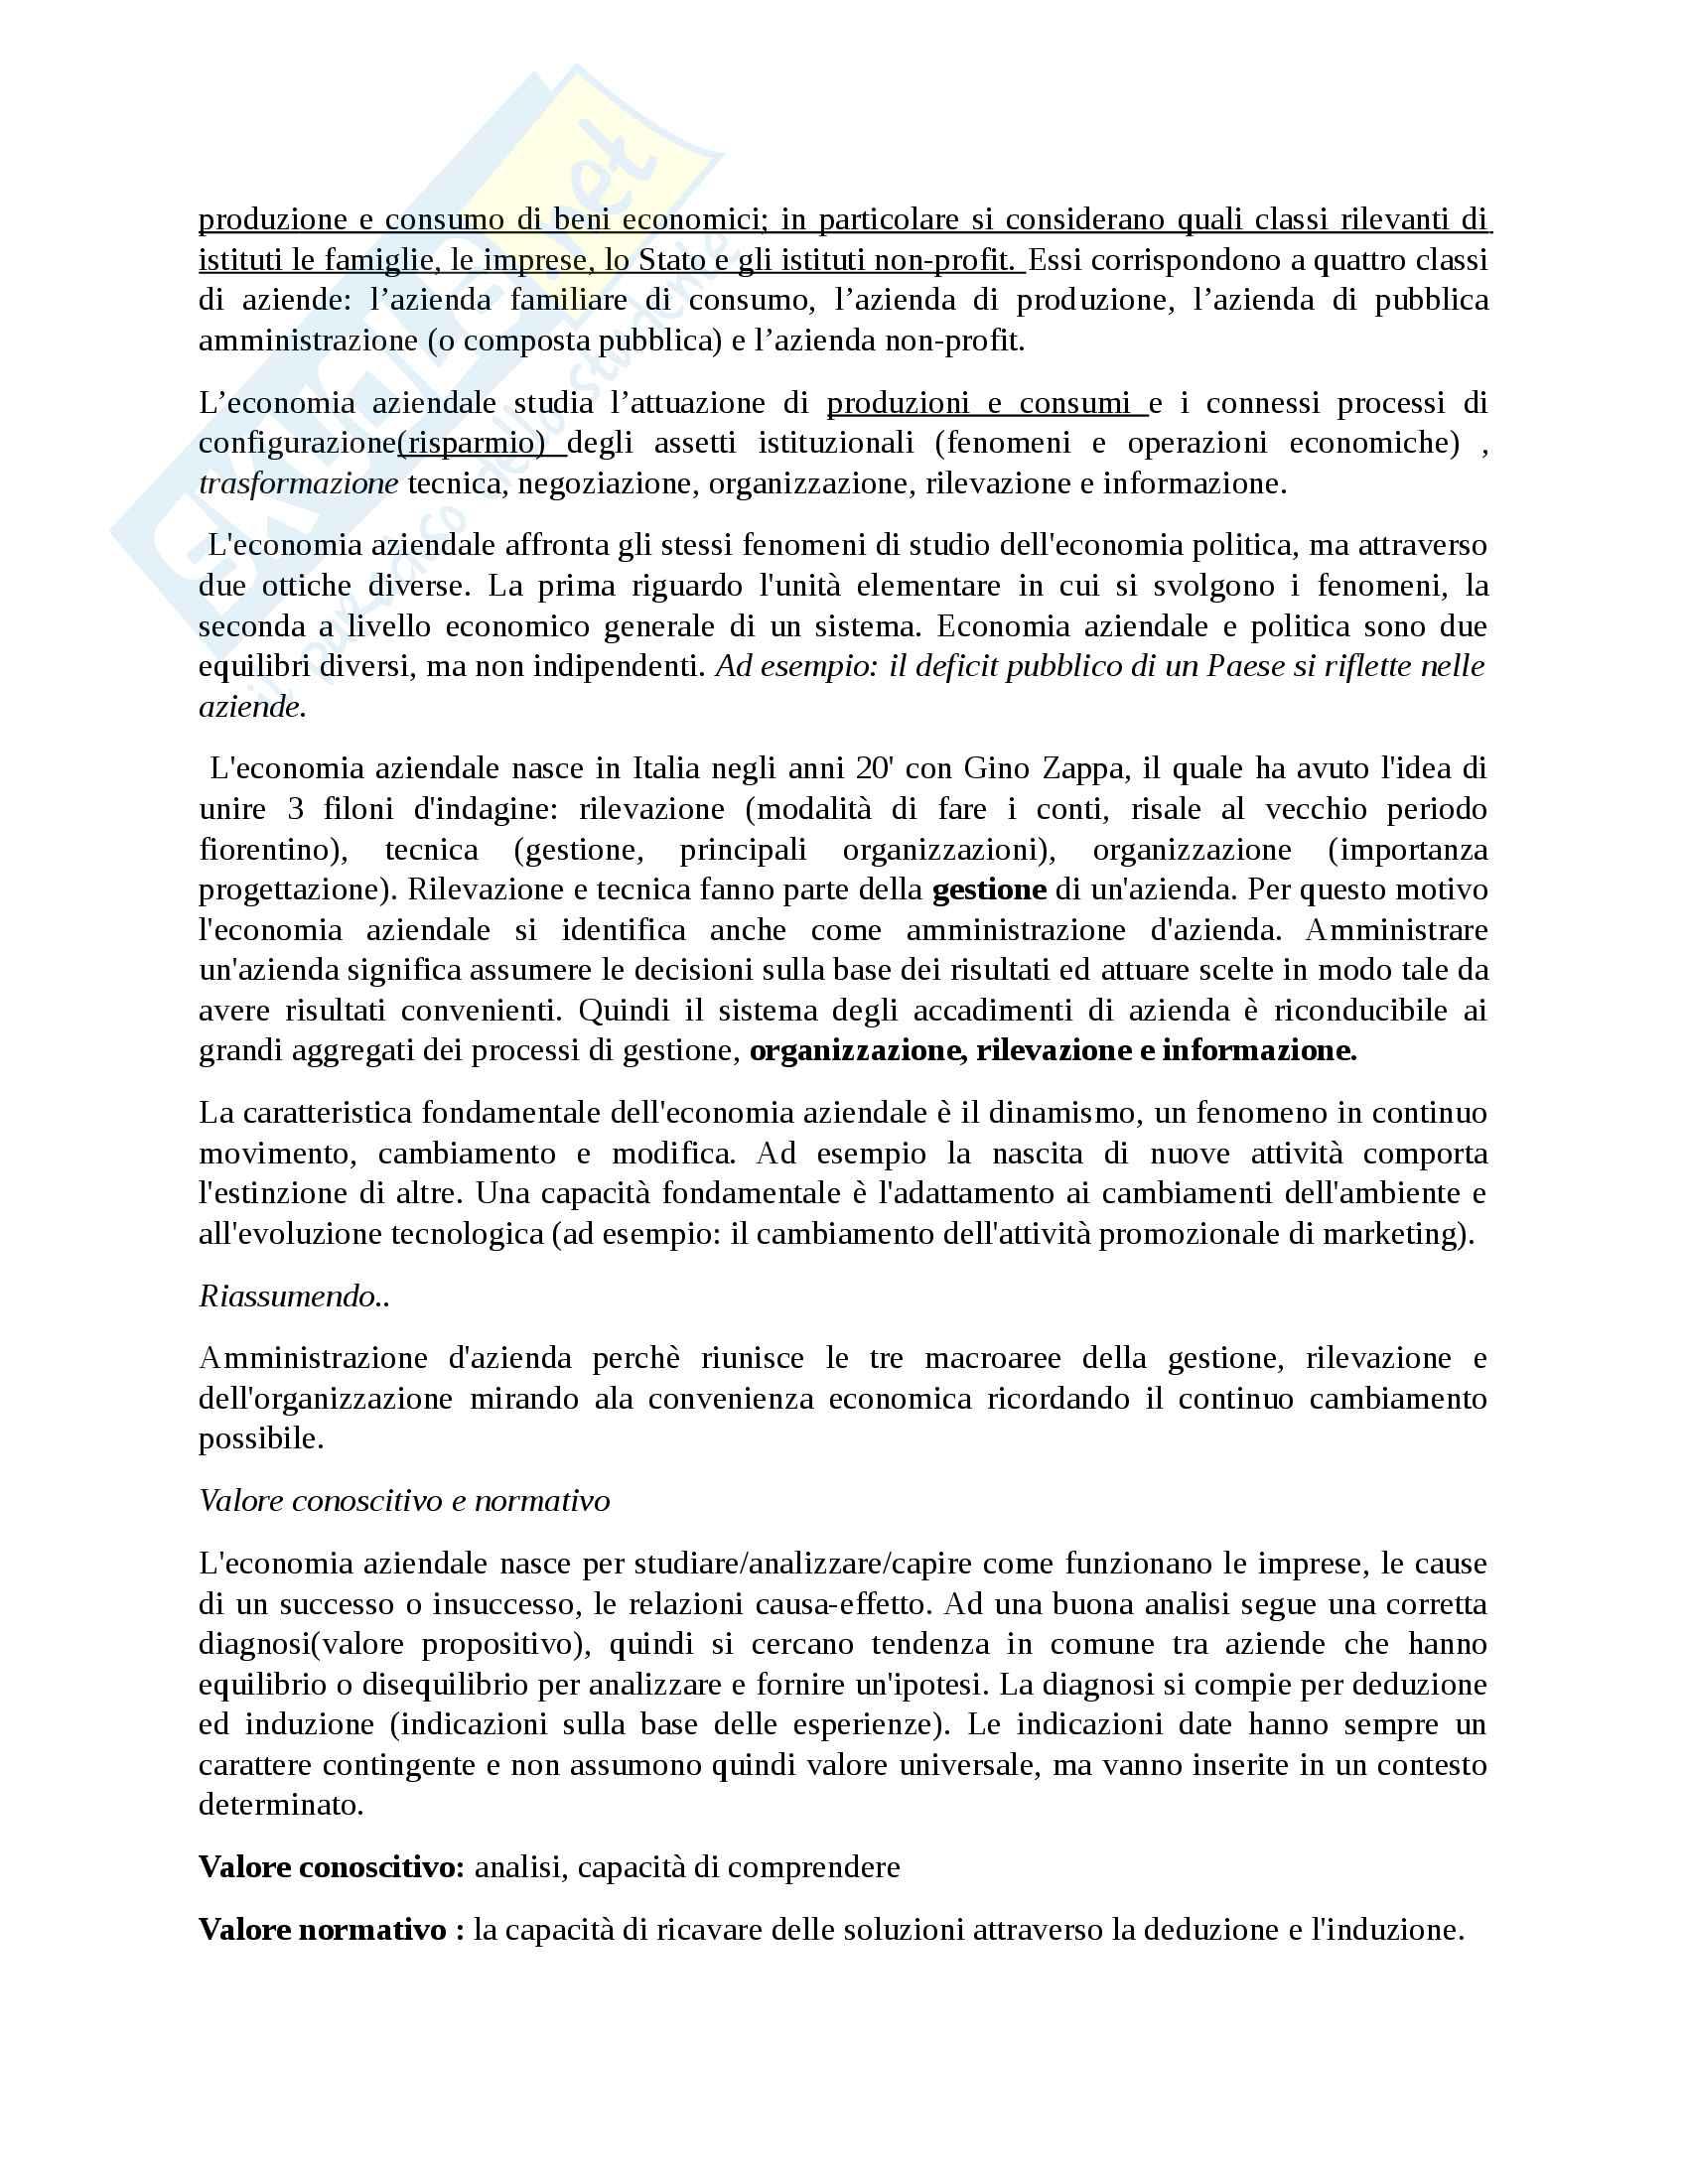 Economia Aziendale Pag. 11